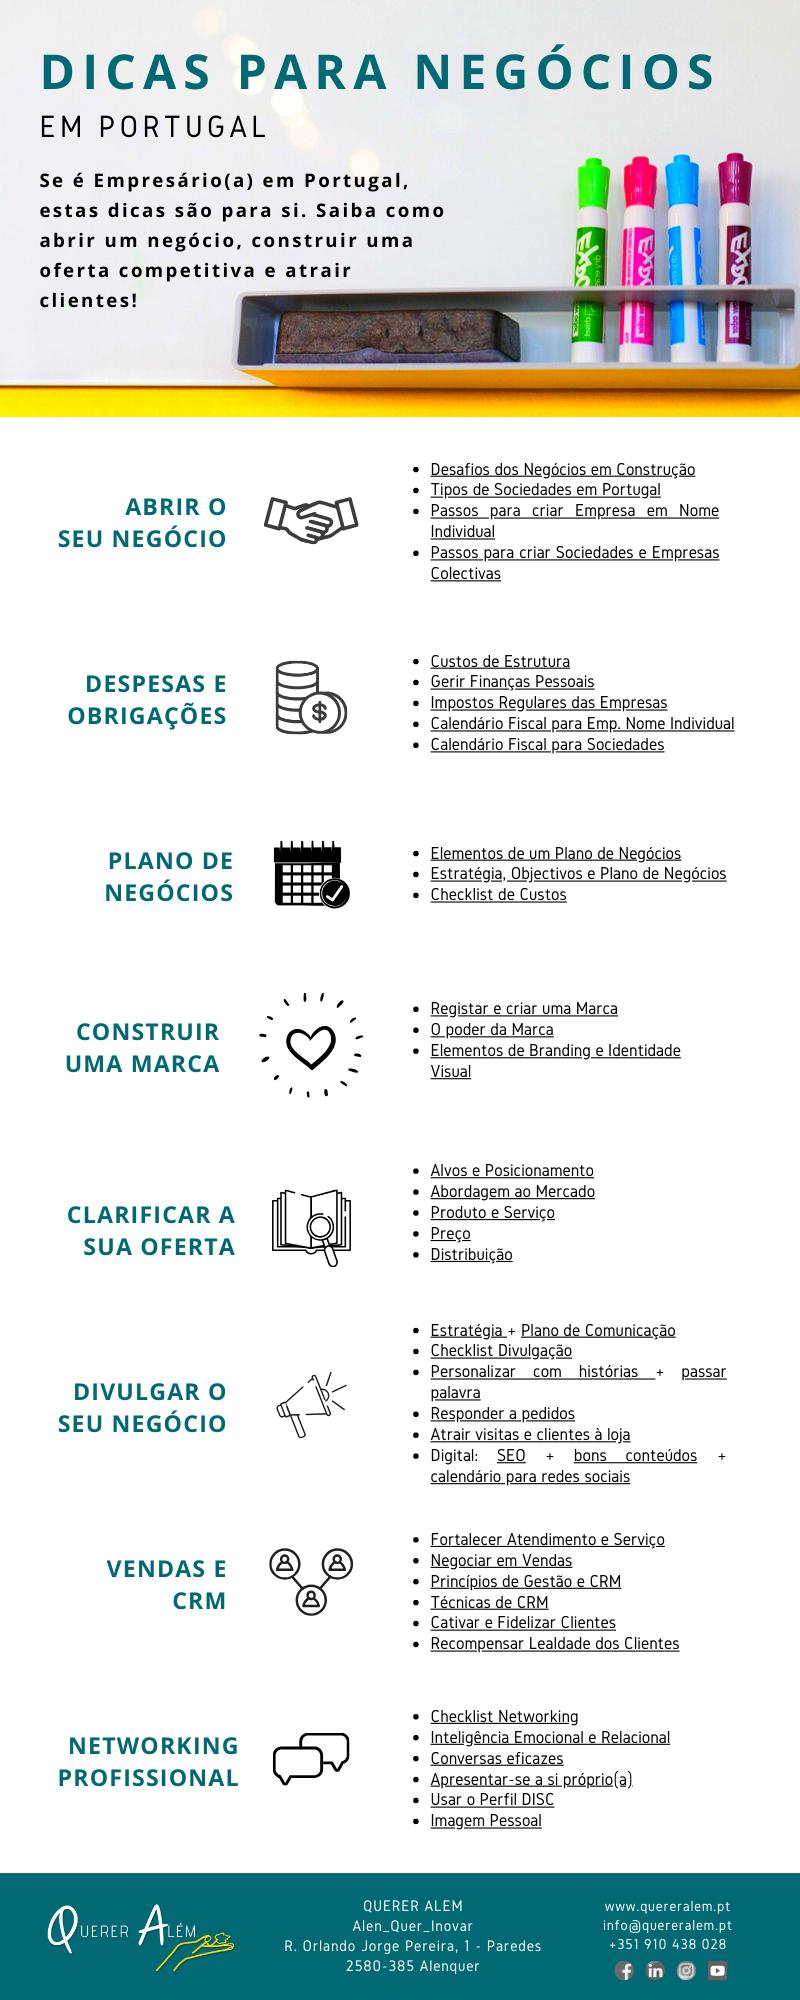 Dicas para Negócios em Portugal